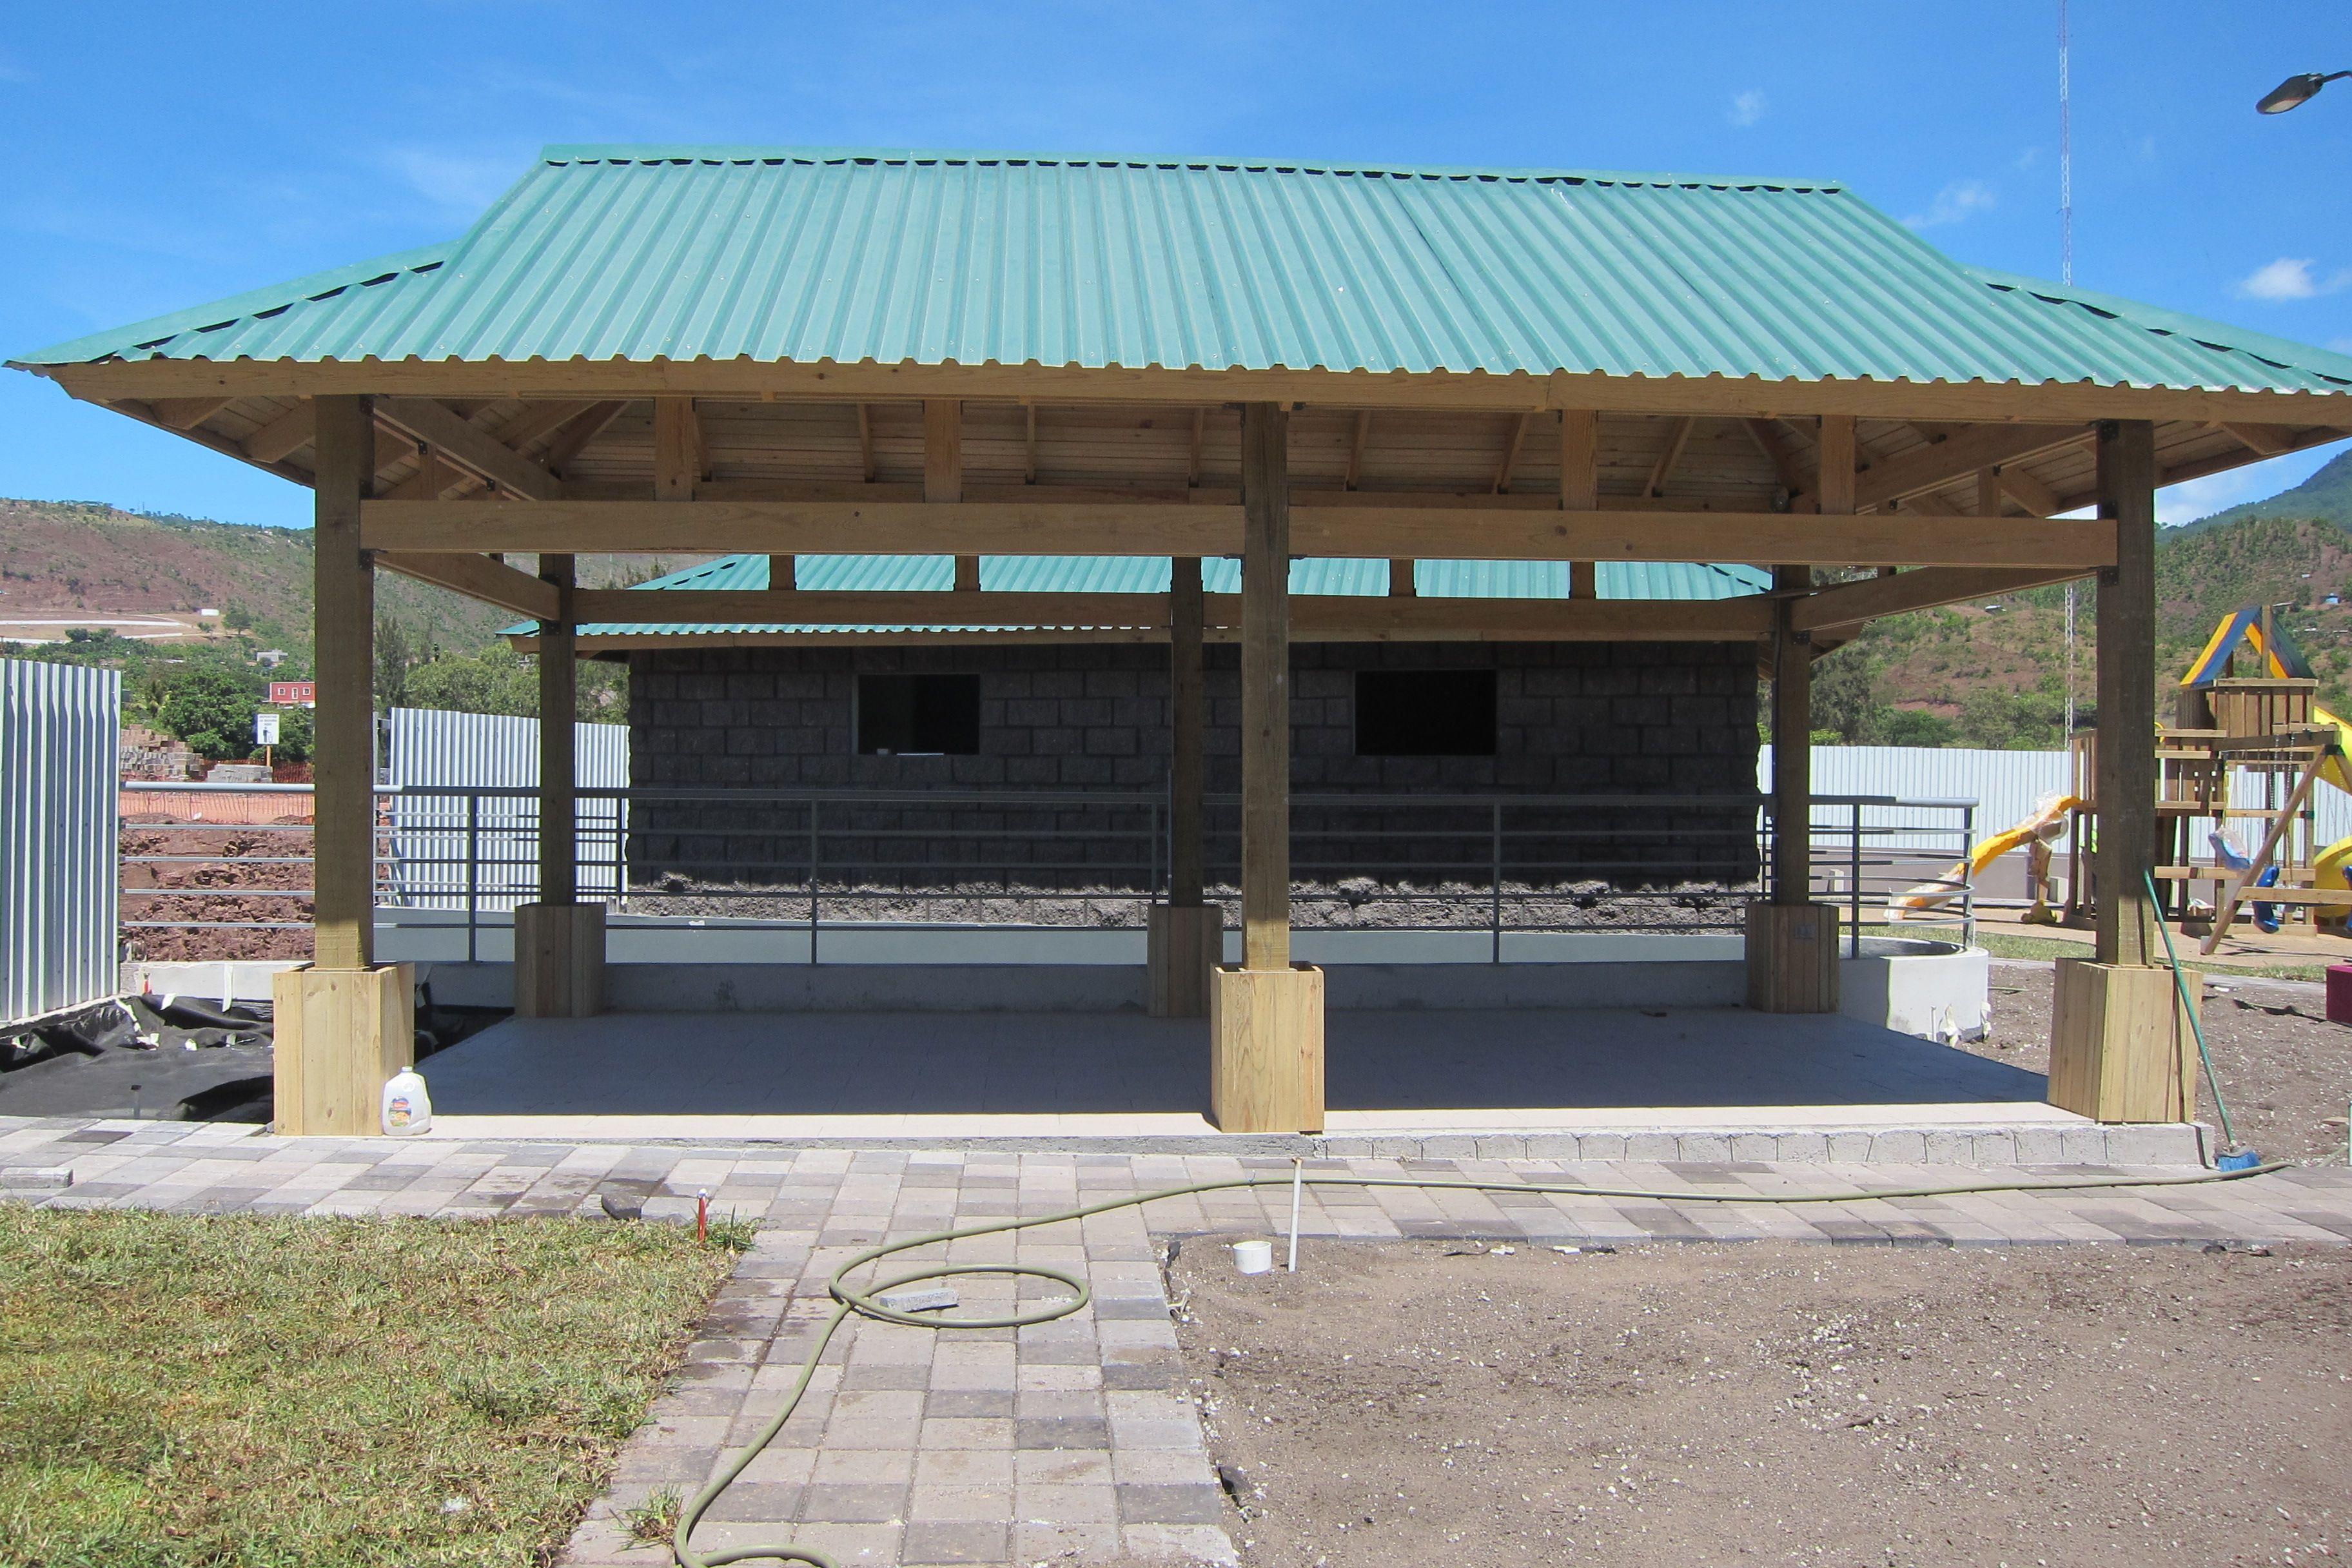 Avances constructivos del rea social kiosco estructura for Kioscos prefabricados de madera